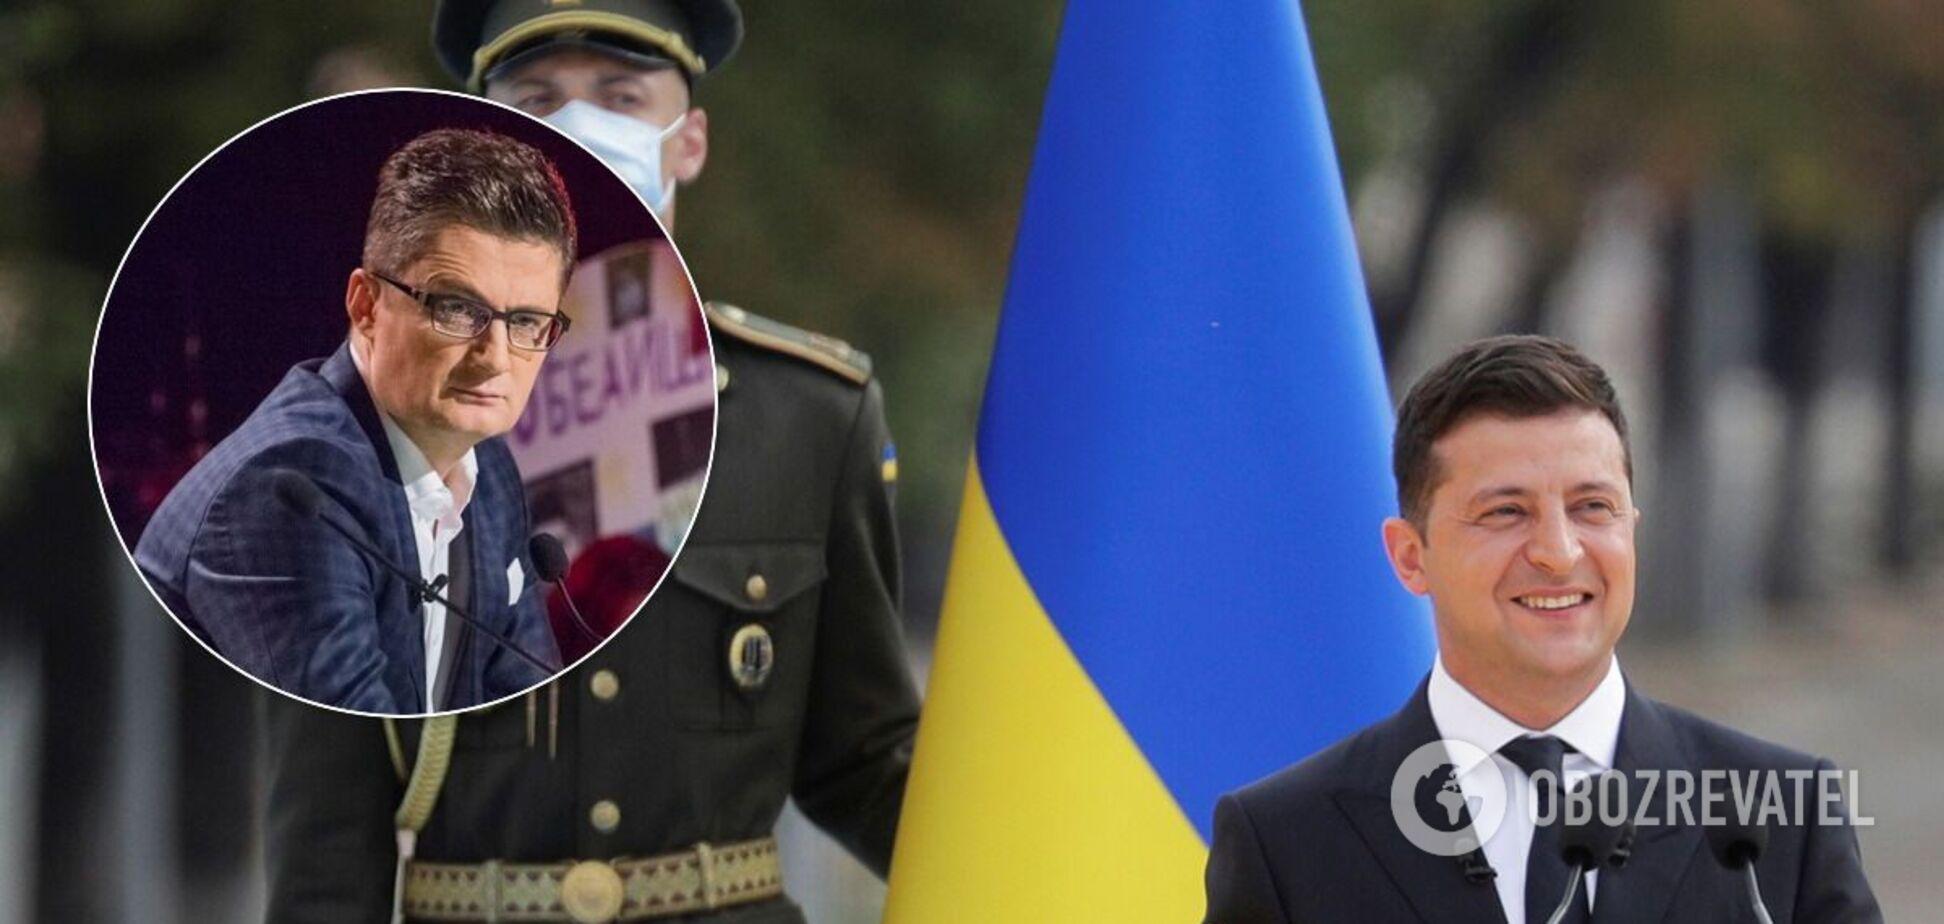 Ігор Кондратюк розкритикував виступ зірок на День Незалежності